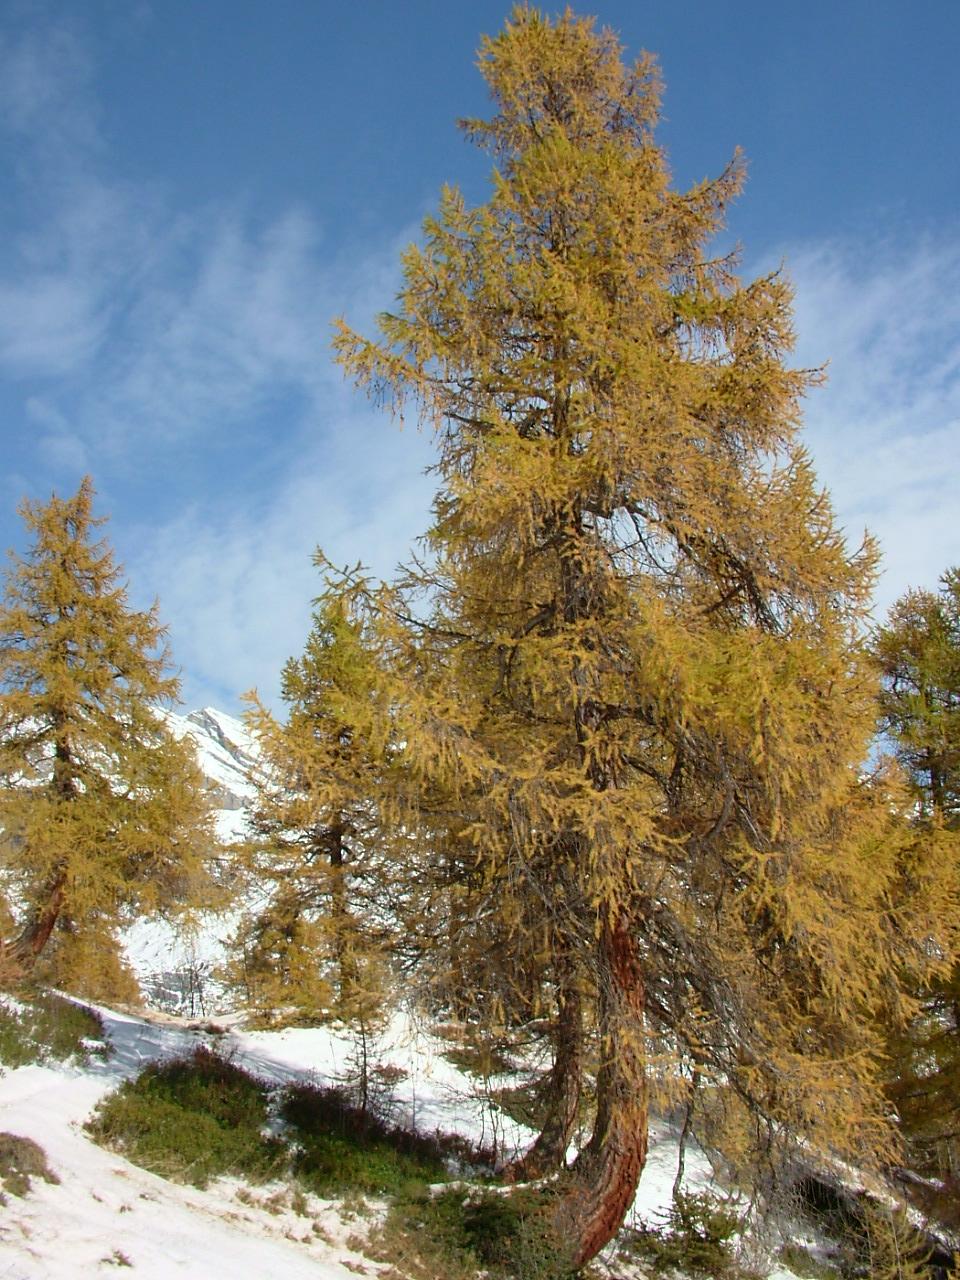 Ces arbres ont pris cette forme car ils grandissent à l'encontre d'un courant telluriques de crête descendant le long de la montage (Ovronnaz VS)